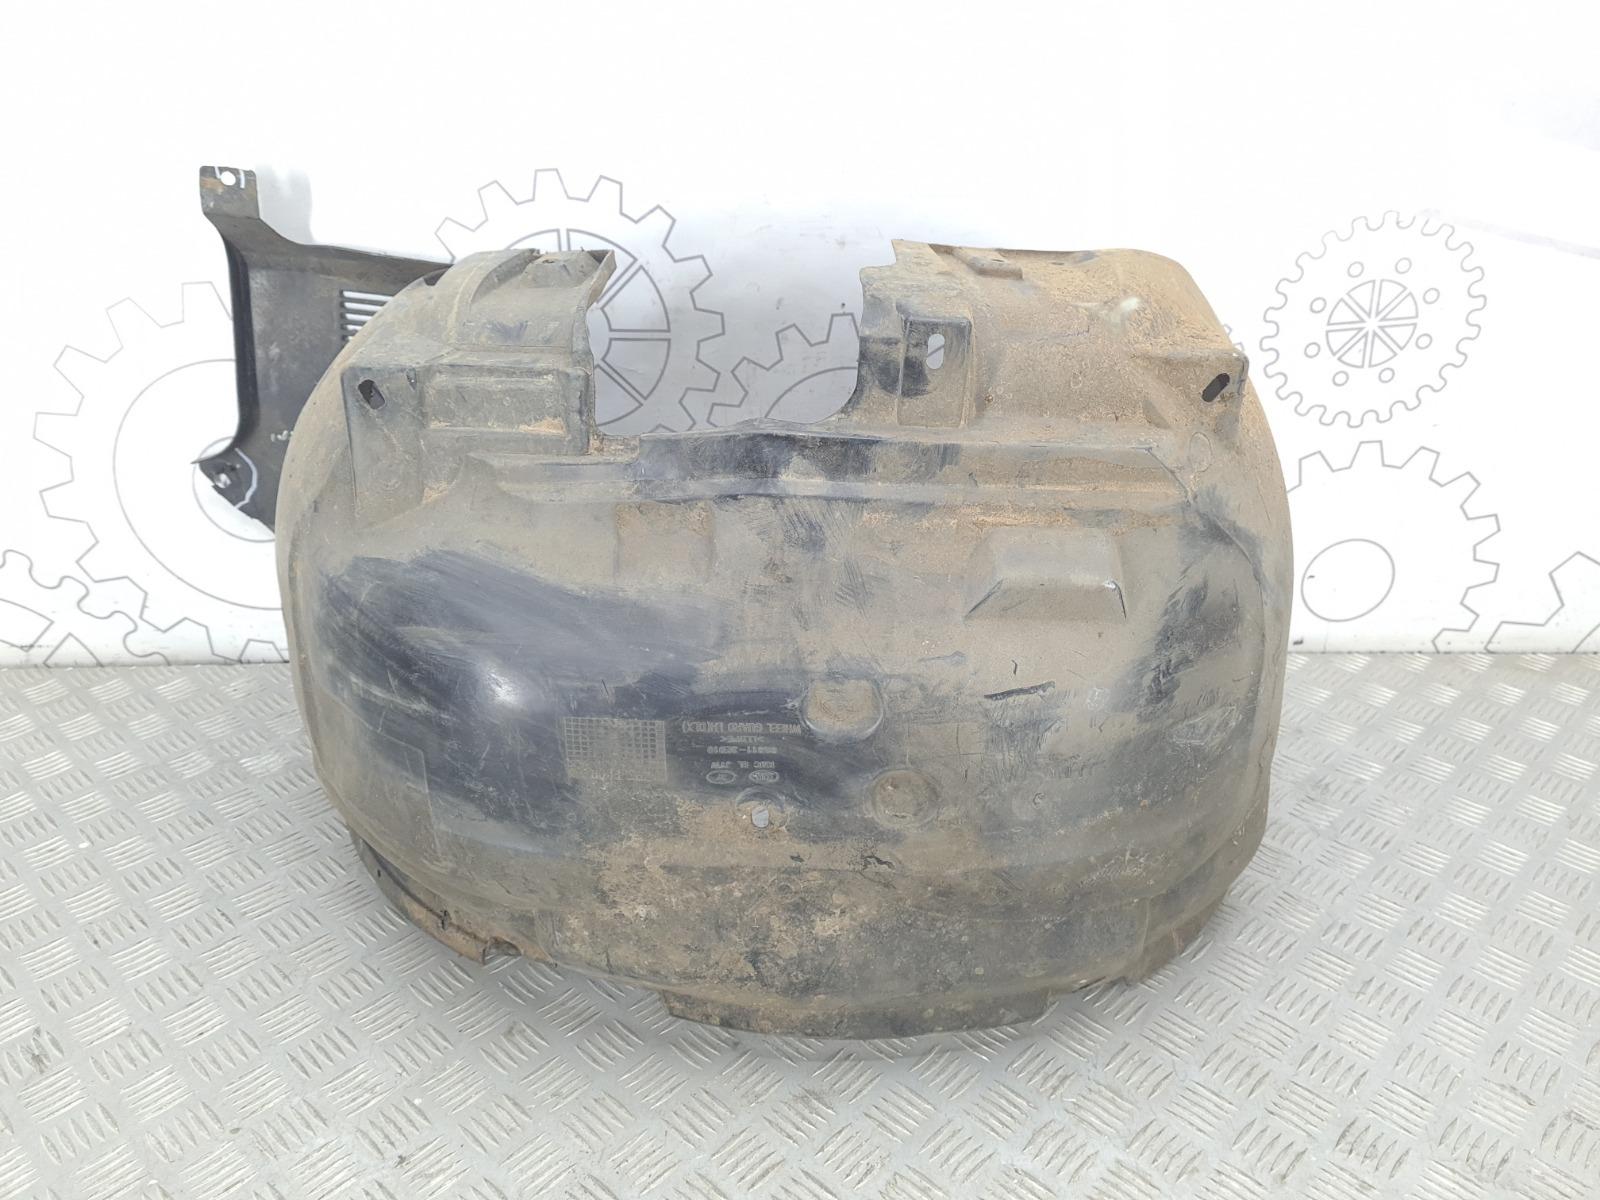 Защита арок передняя левая (подкрылок) Kia Sorento 2.5 CRDI 2004 (б/у)